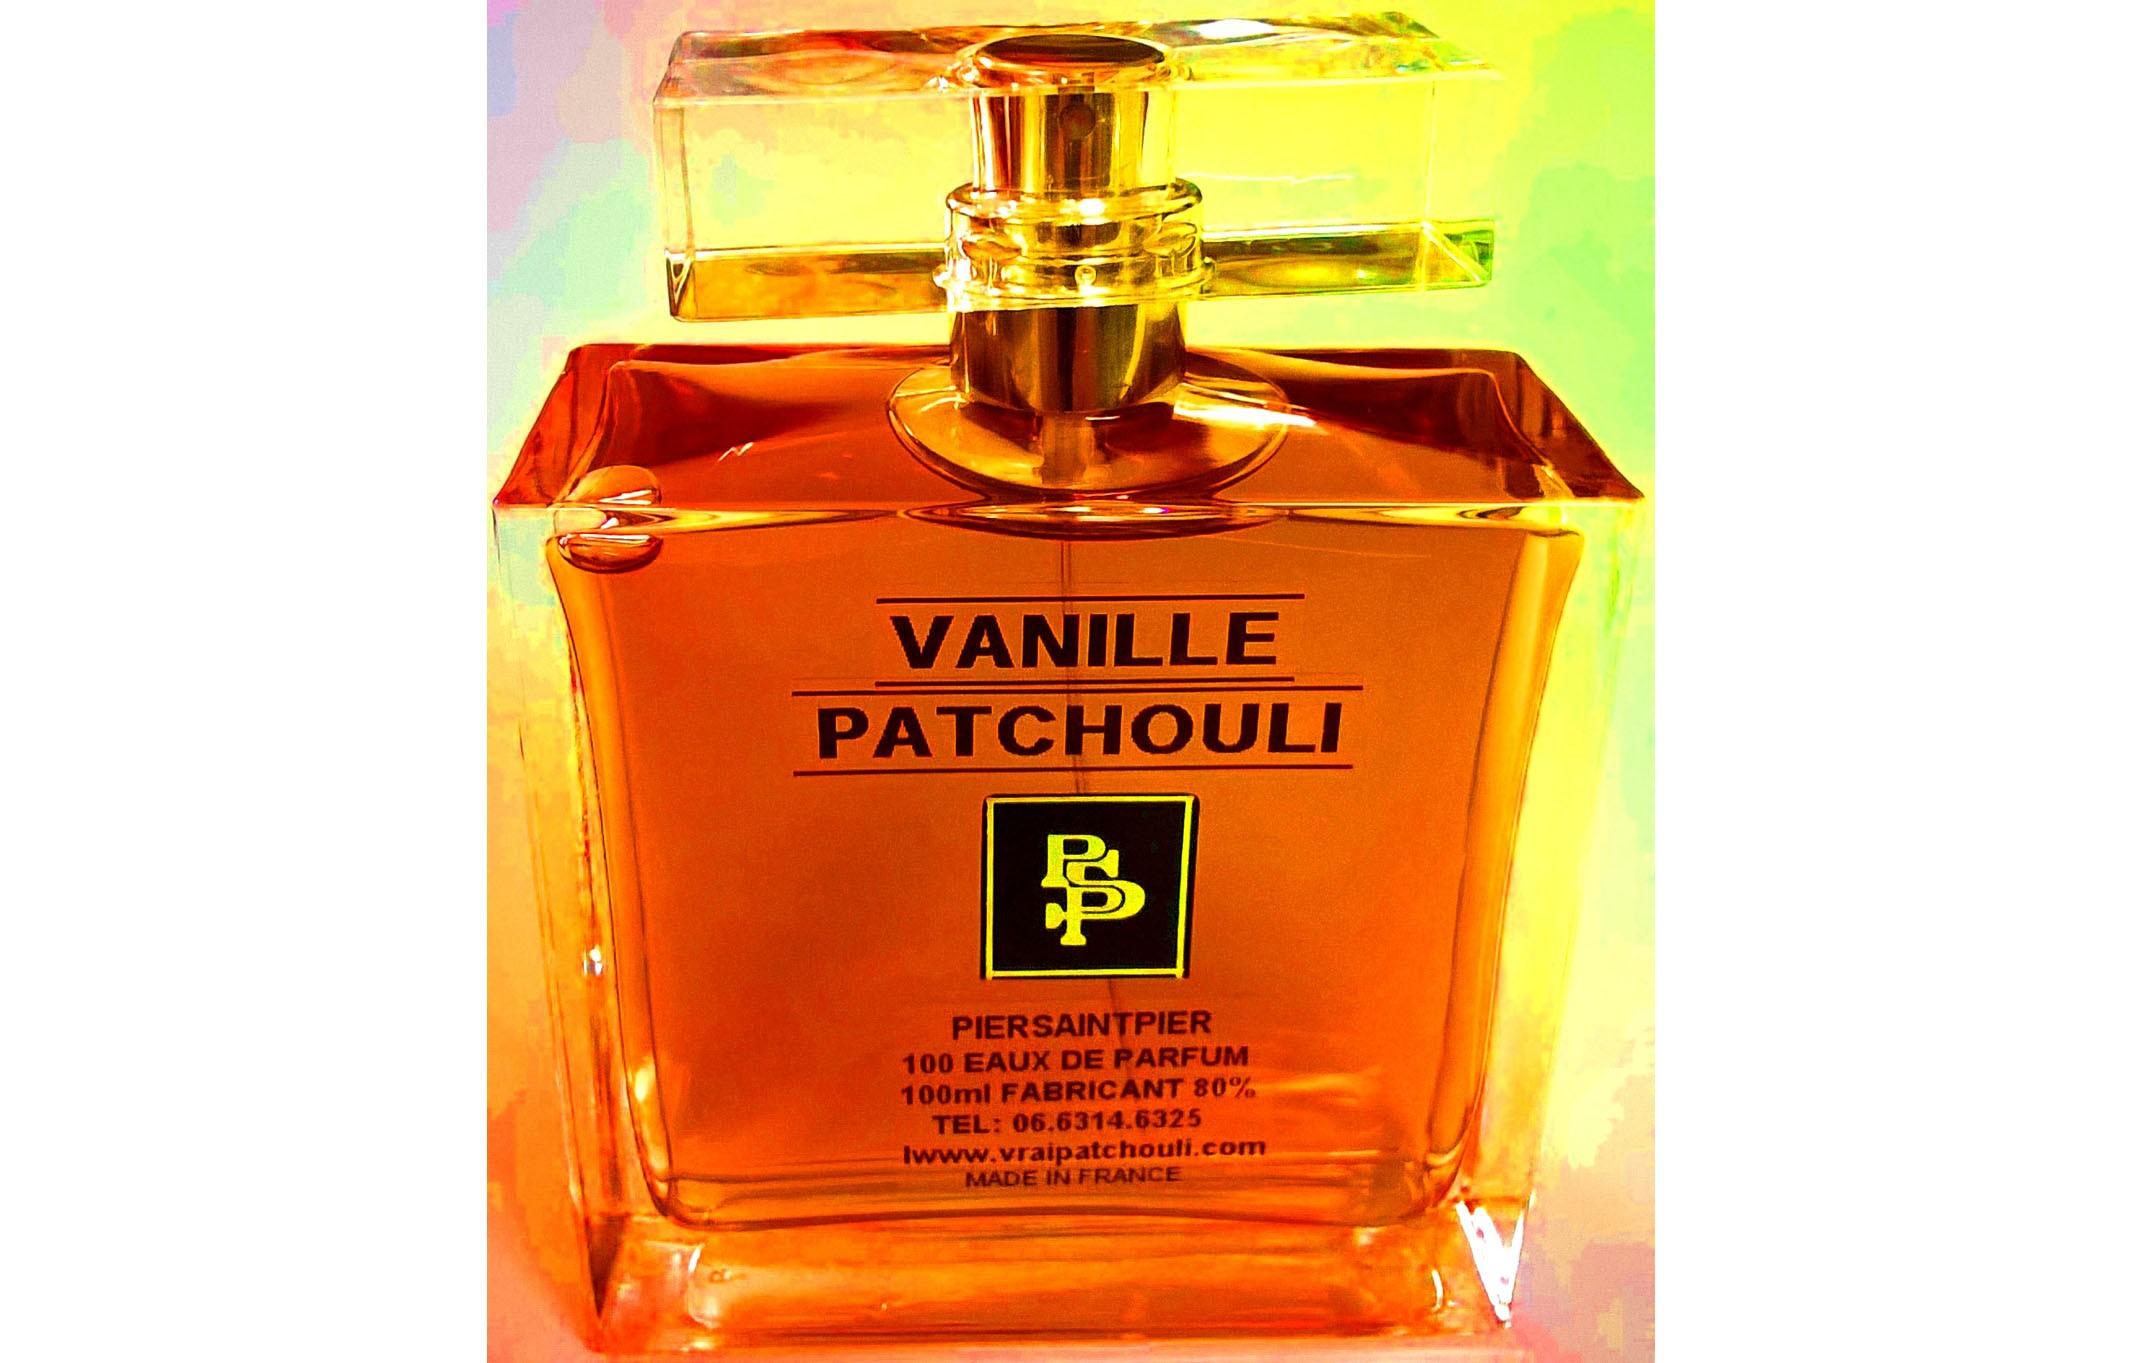 VANILLE PATCHOULI (Flacon Luxe / Sans Boite)